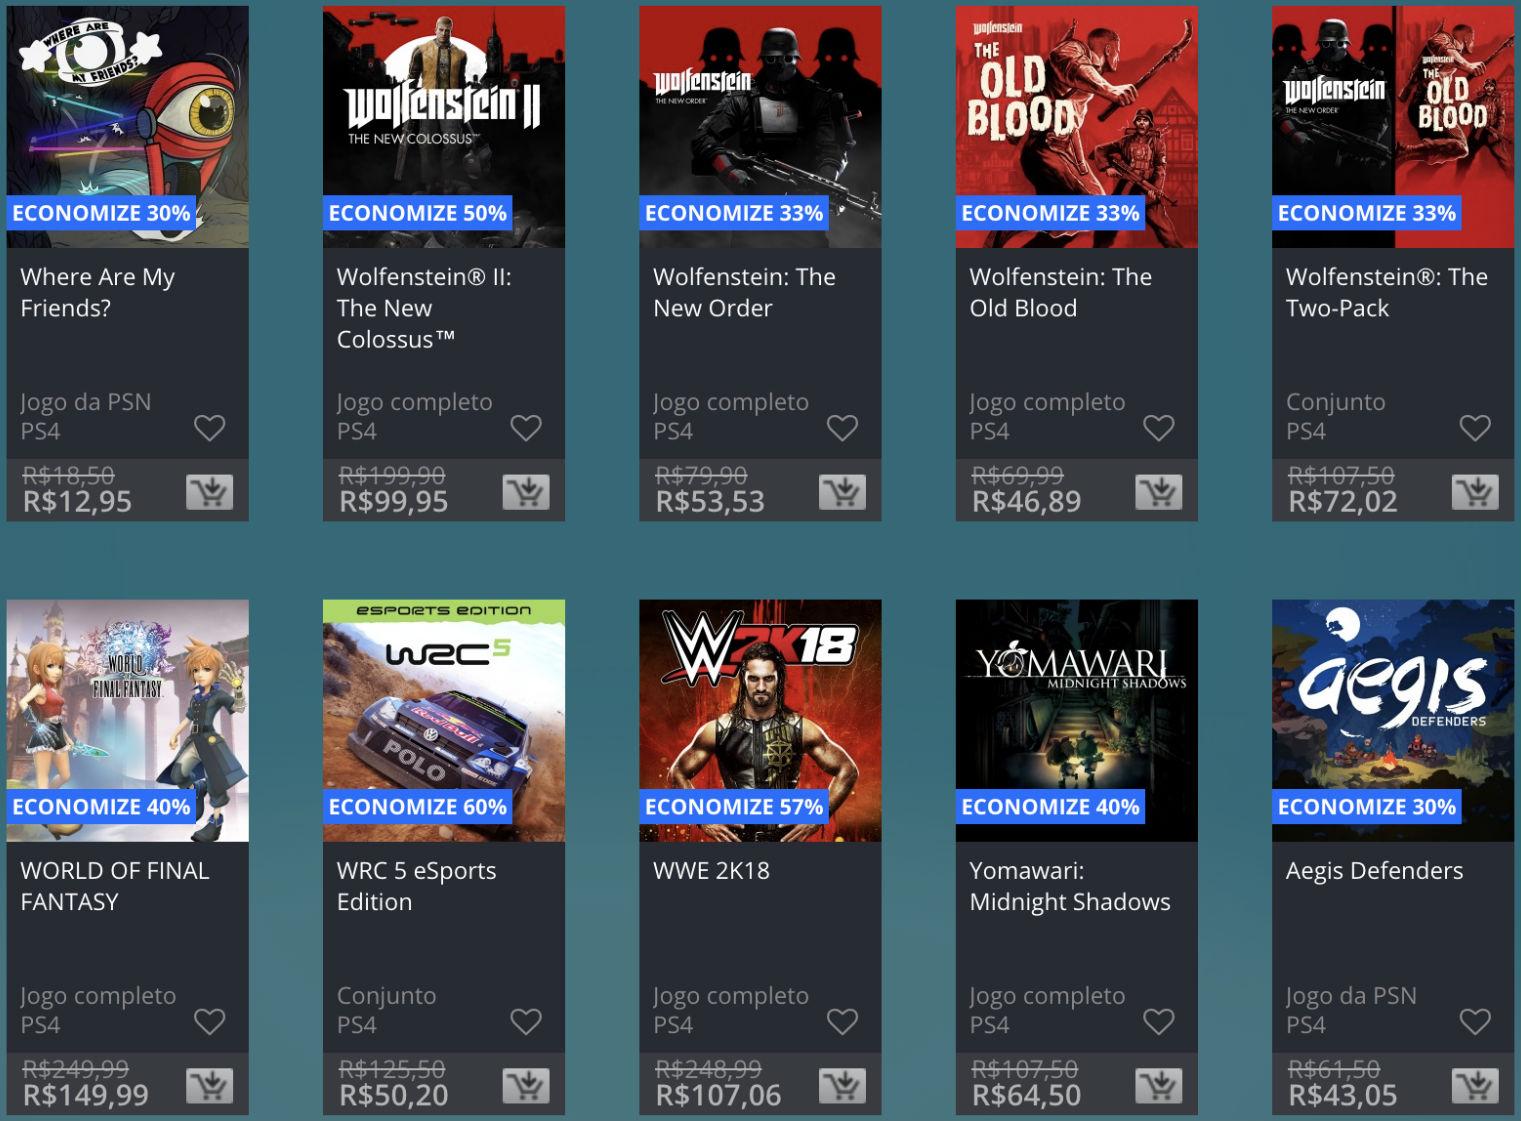 Promoção de Meio do Ano na PS Store com mais de 600 itens com preços que variam de R$ 10 a R$ 200 24